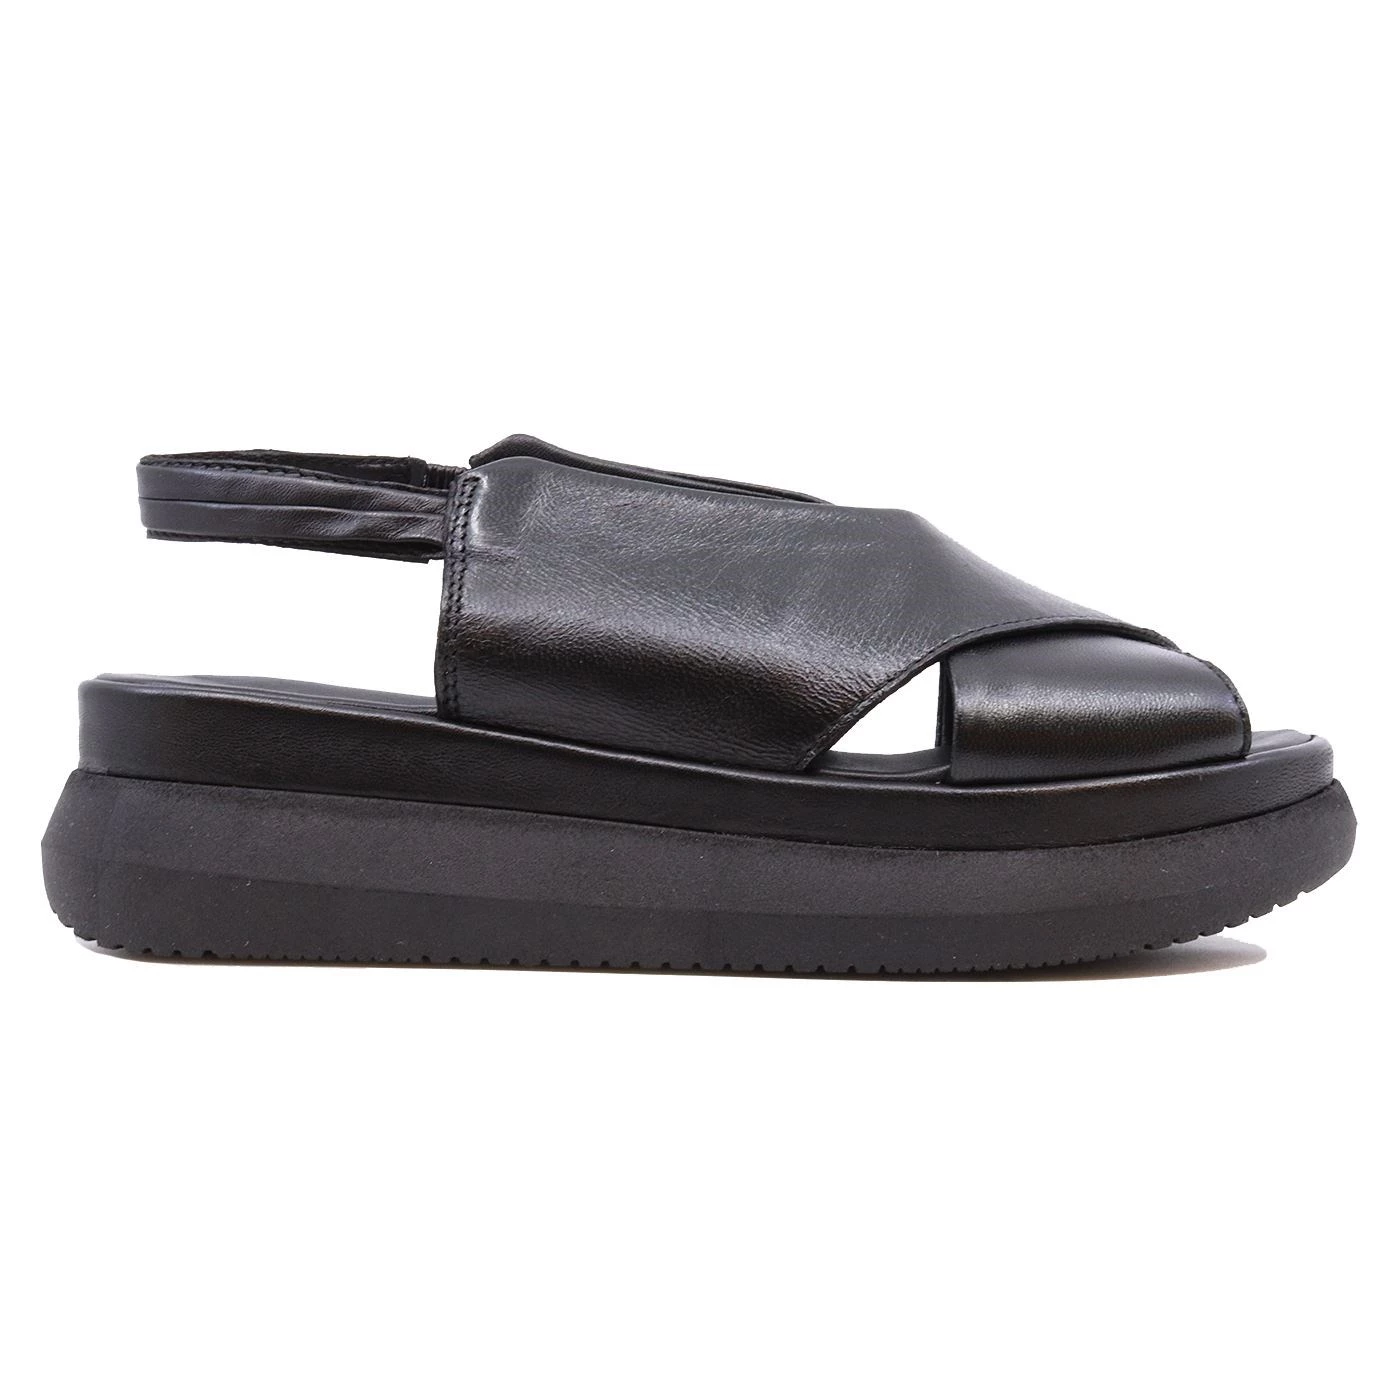 Mjus M38013 sandalo da donna con zeppa in pelle nera